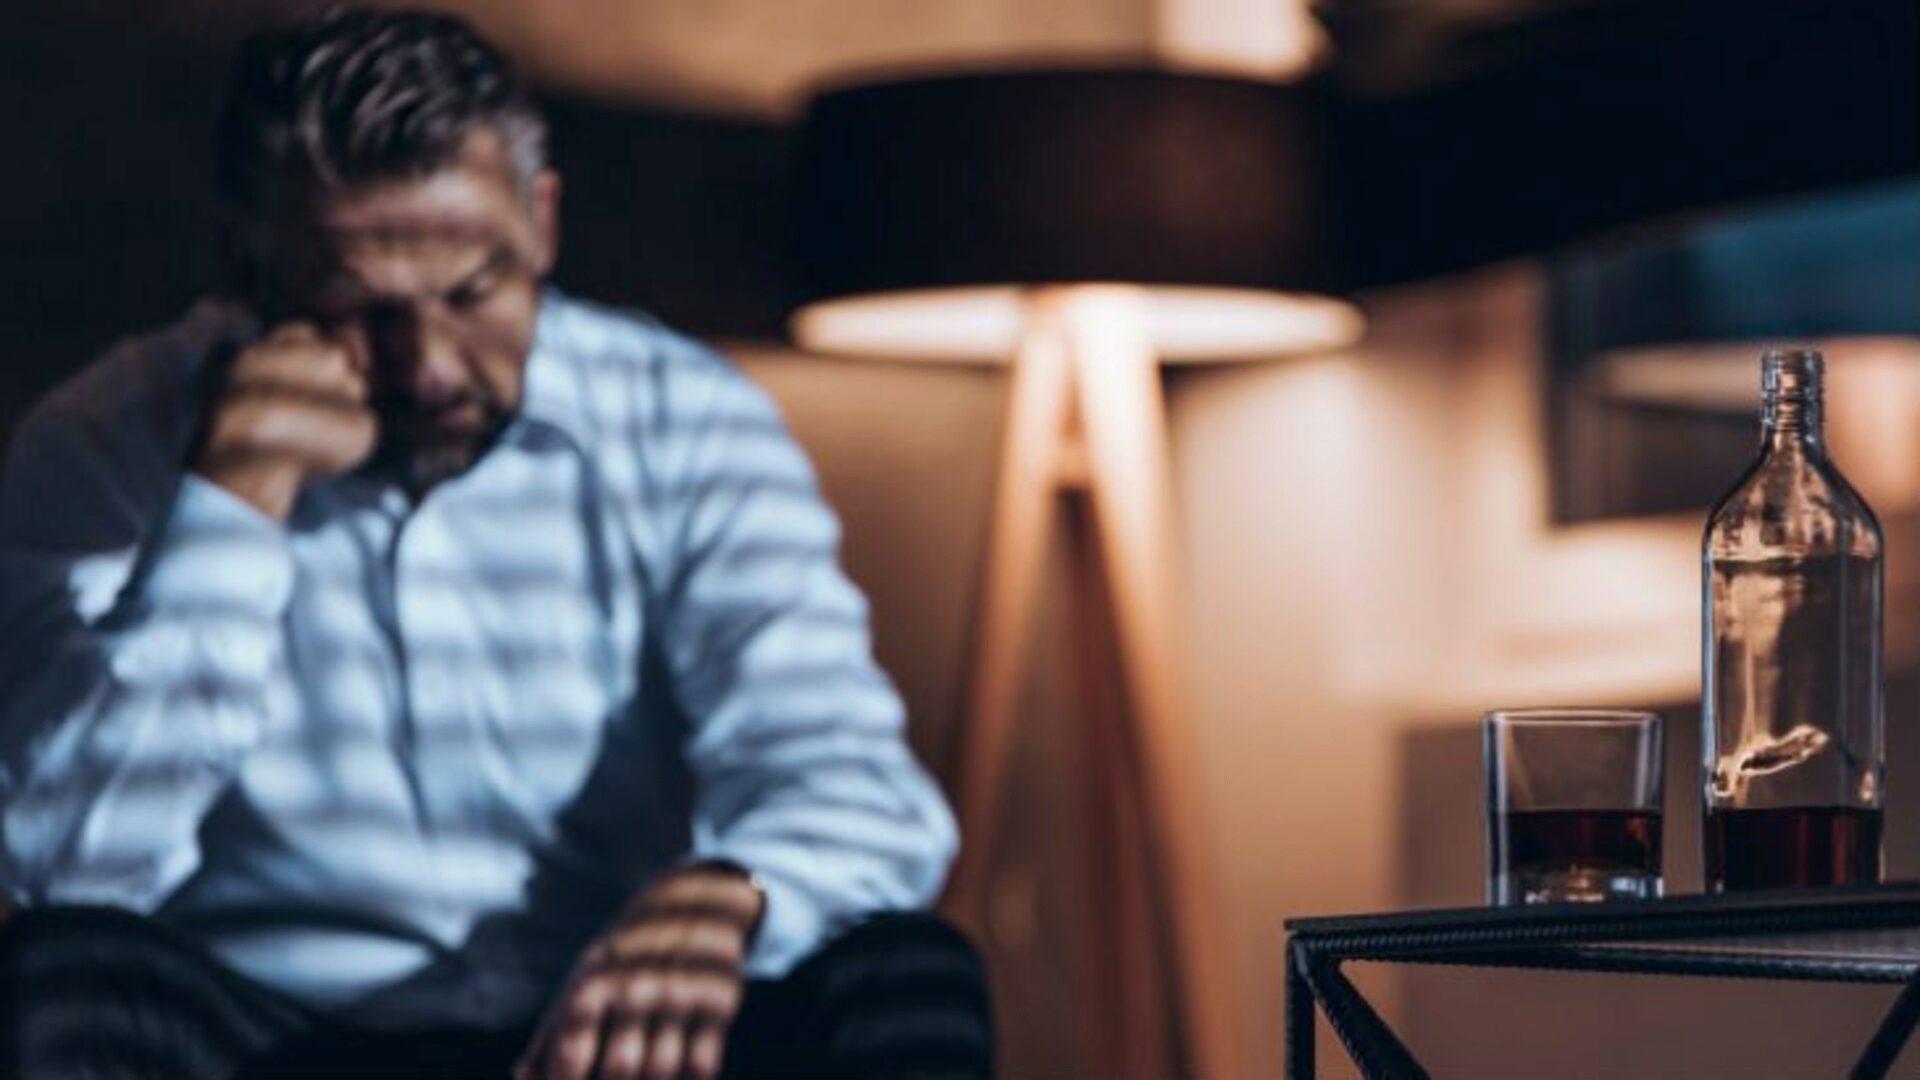 Беспомощность перед будущим сублимируются в деструктивных привычках